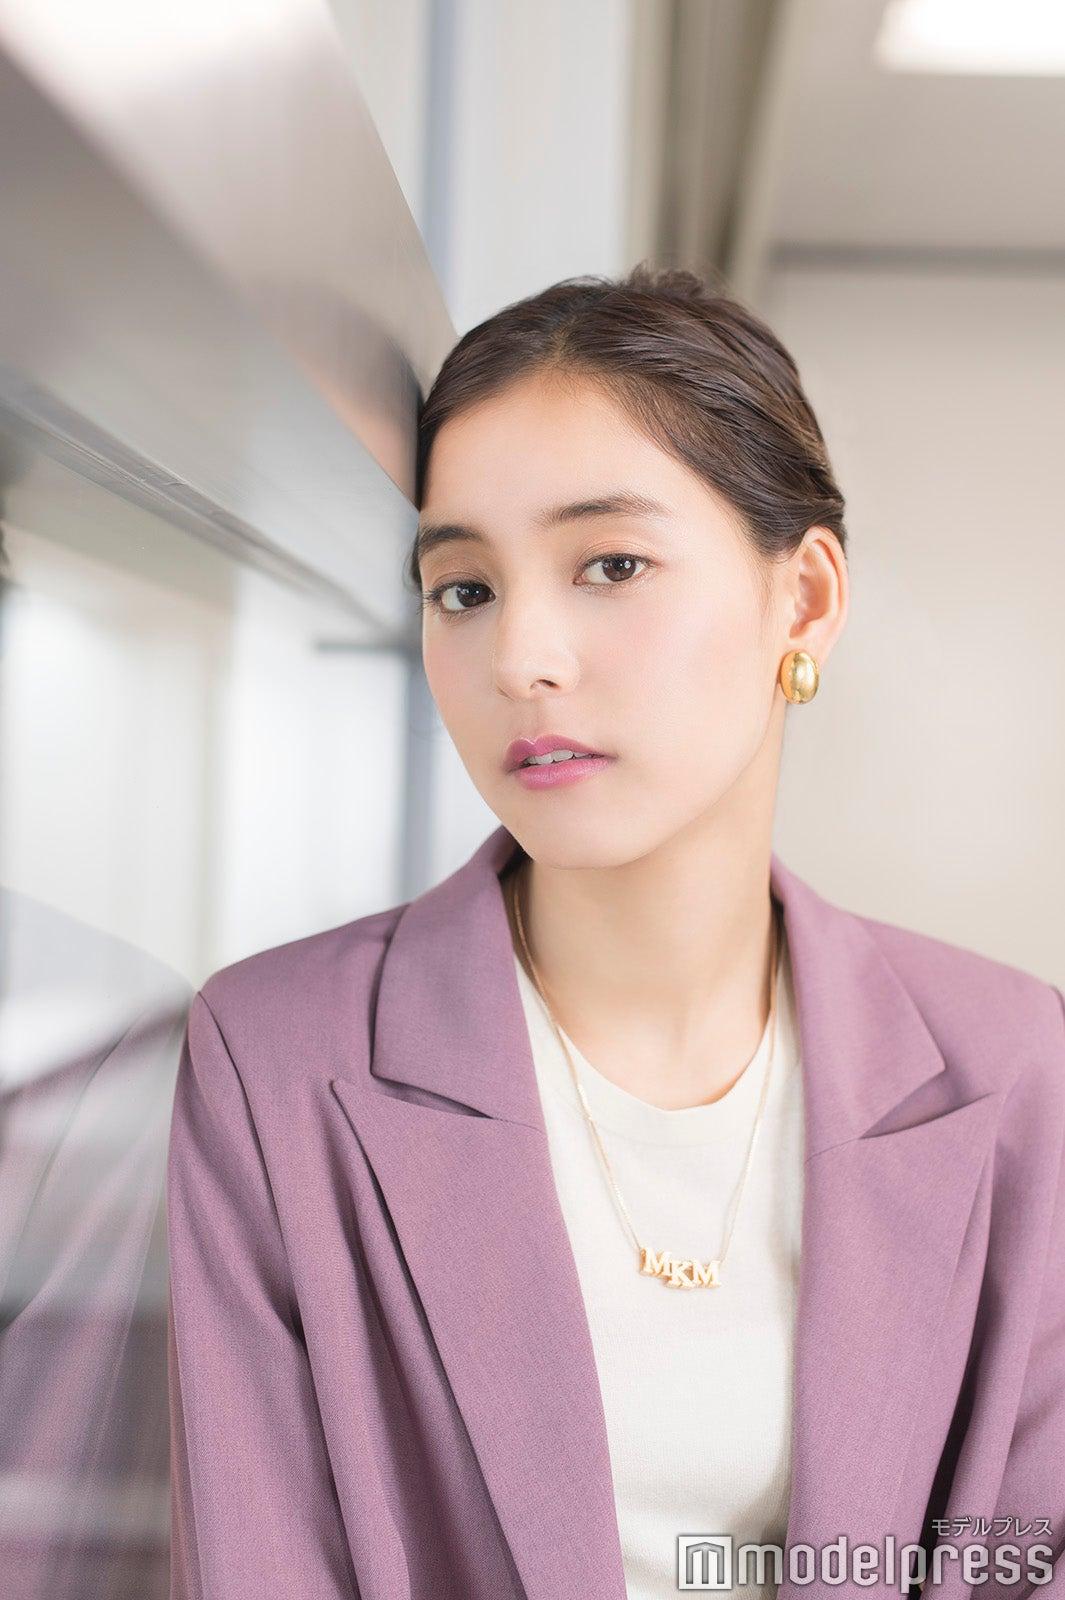 アイドル好き新木優子は\u201c現場マニア\u201d 忘れられない人明かす